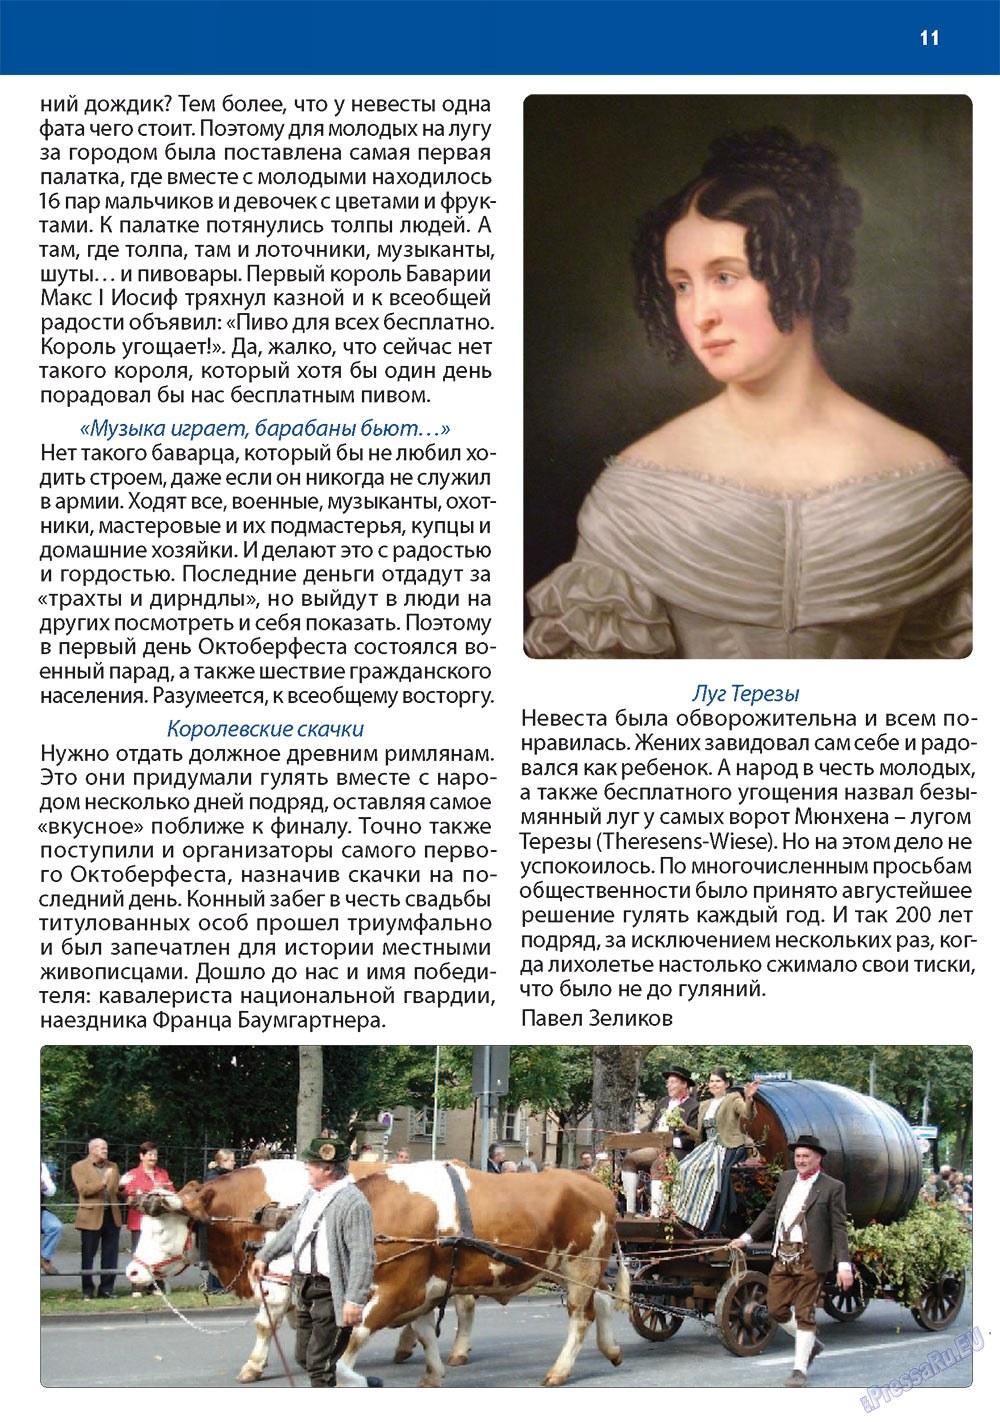 Апельсин (журнал). 2010 год, номер 14, стр. 11